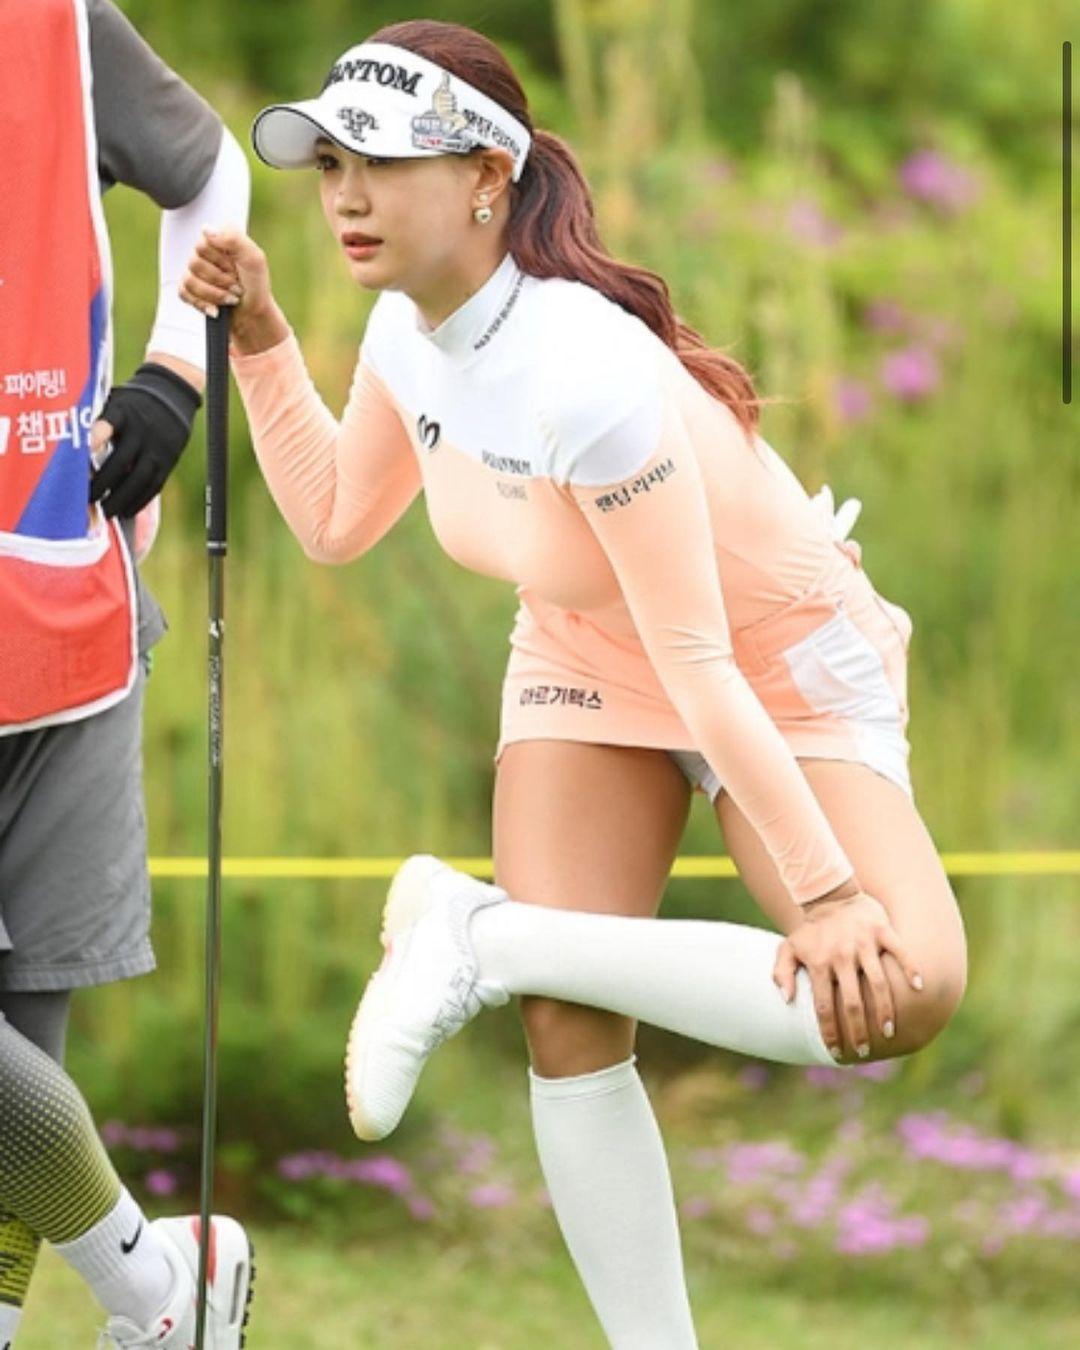 yoo_hyunJu022.jpg